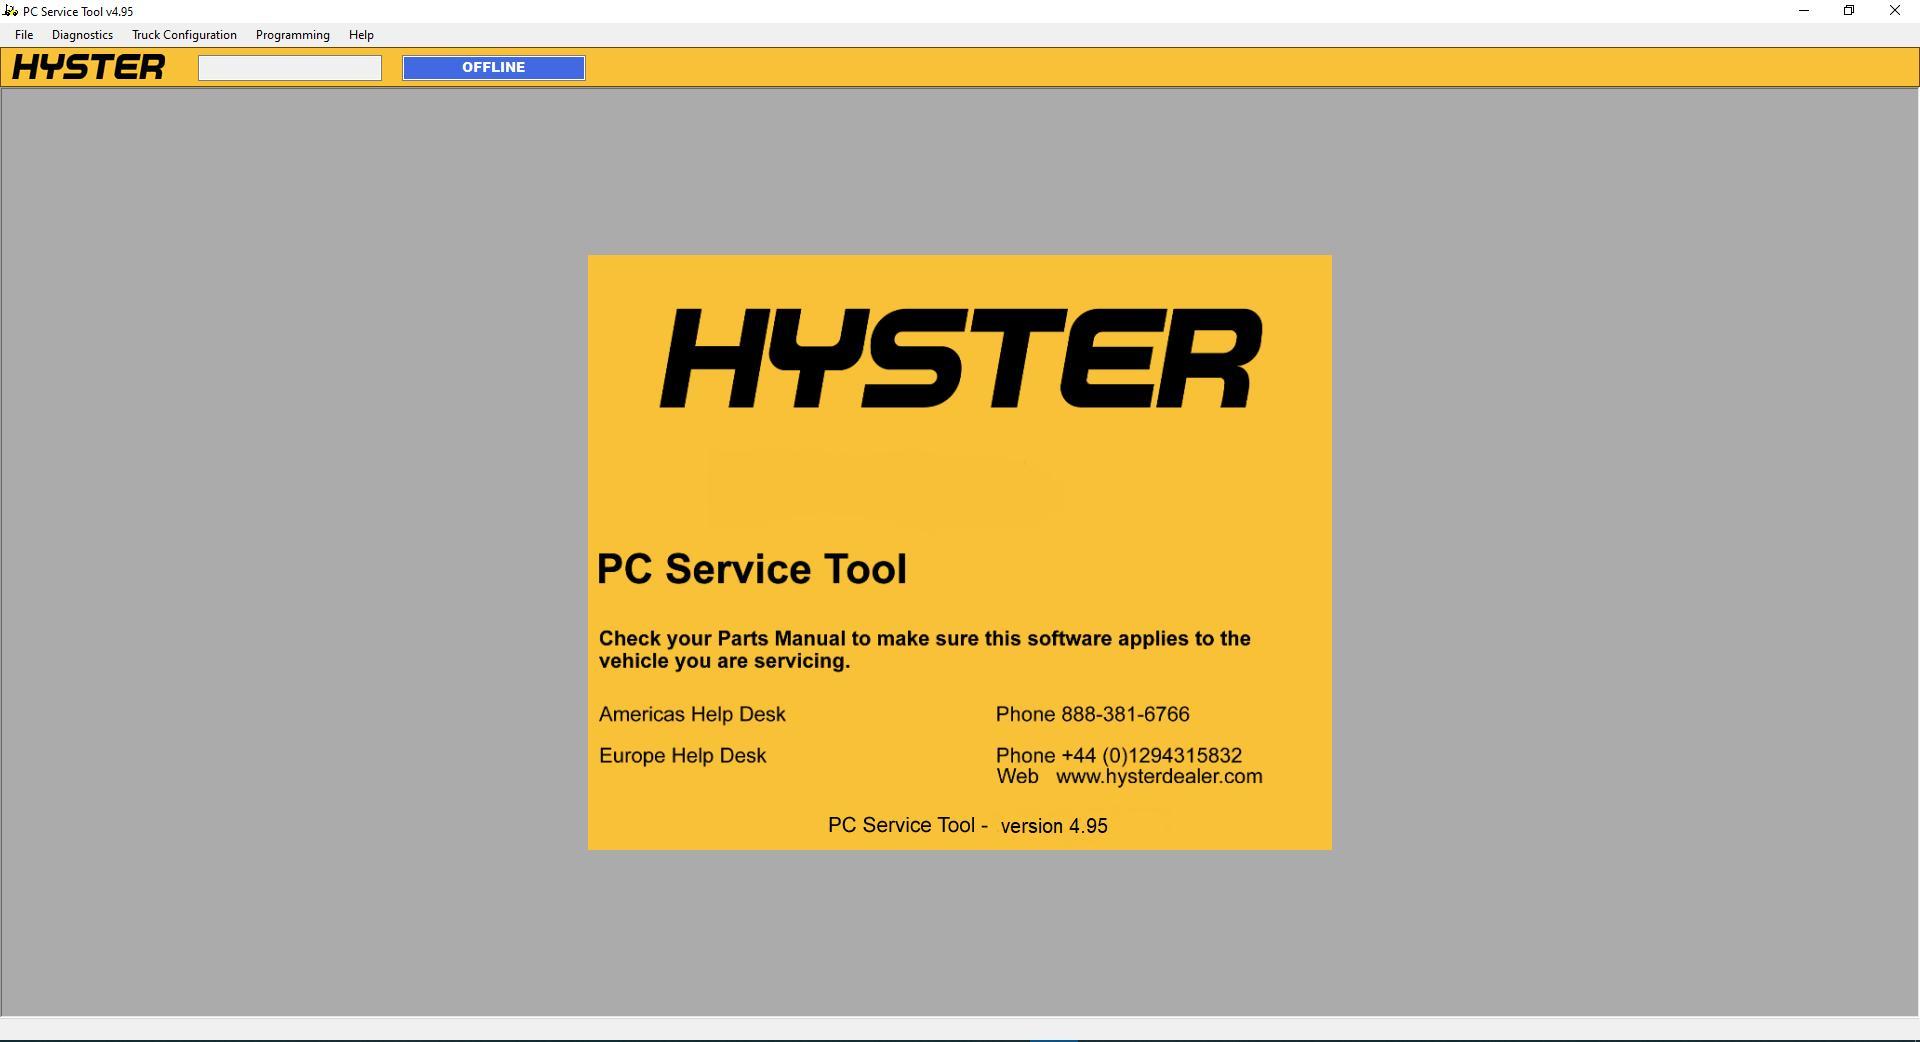 Hyster_PC_Service_Tool_v495_042020_Unlocked4